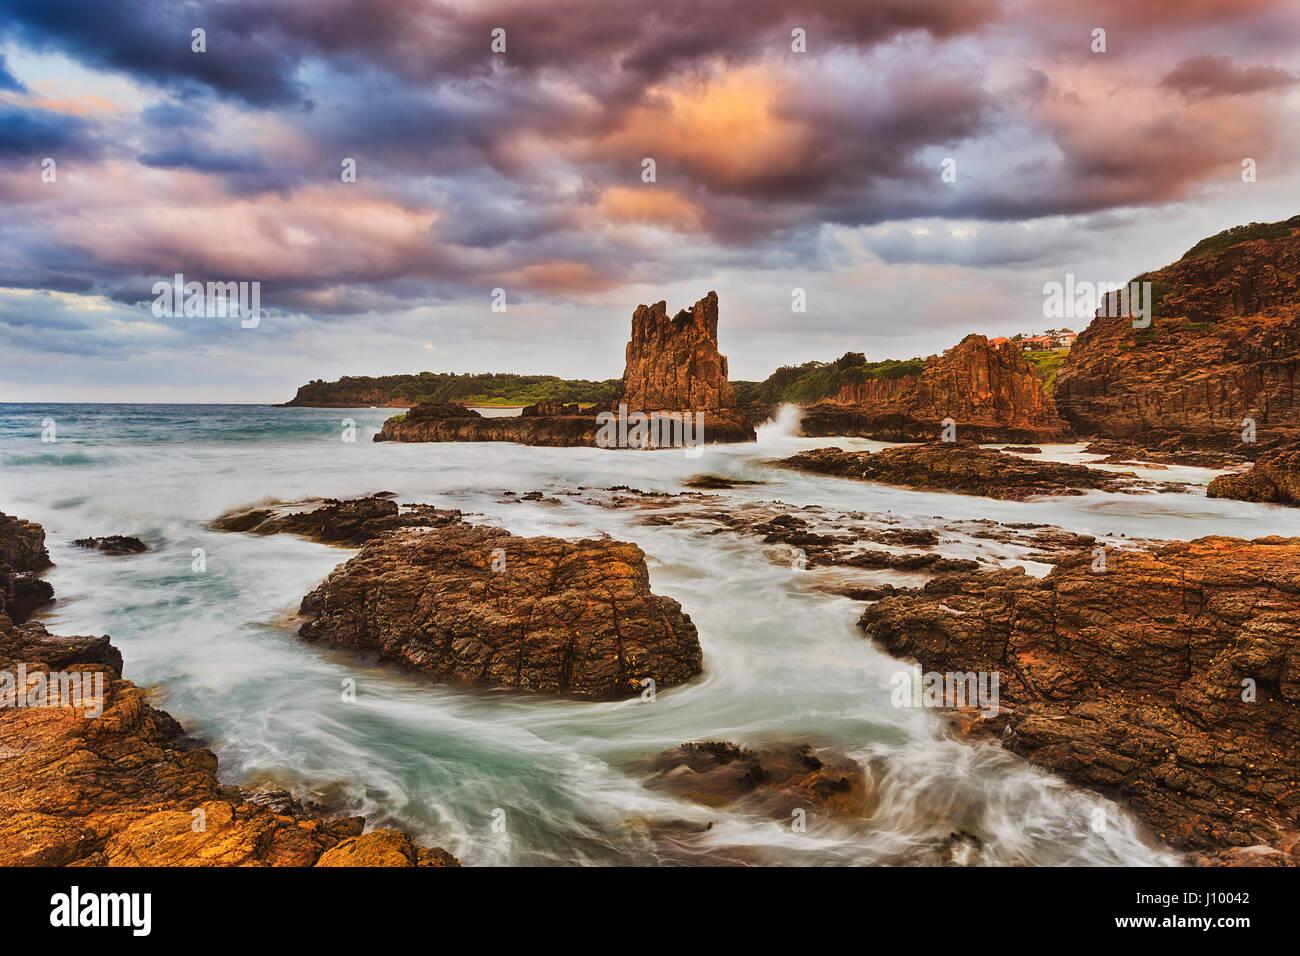 De soleil colorés à Bombo beach et cathédrale des rochers sur Kiama, côte du Pacifique de l'Australie. Photo Stock